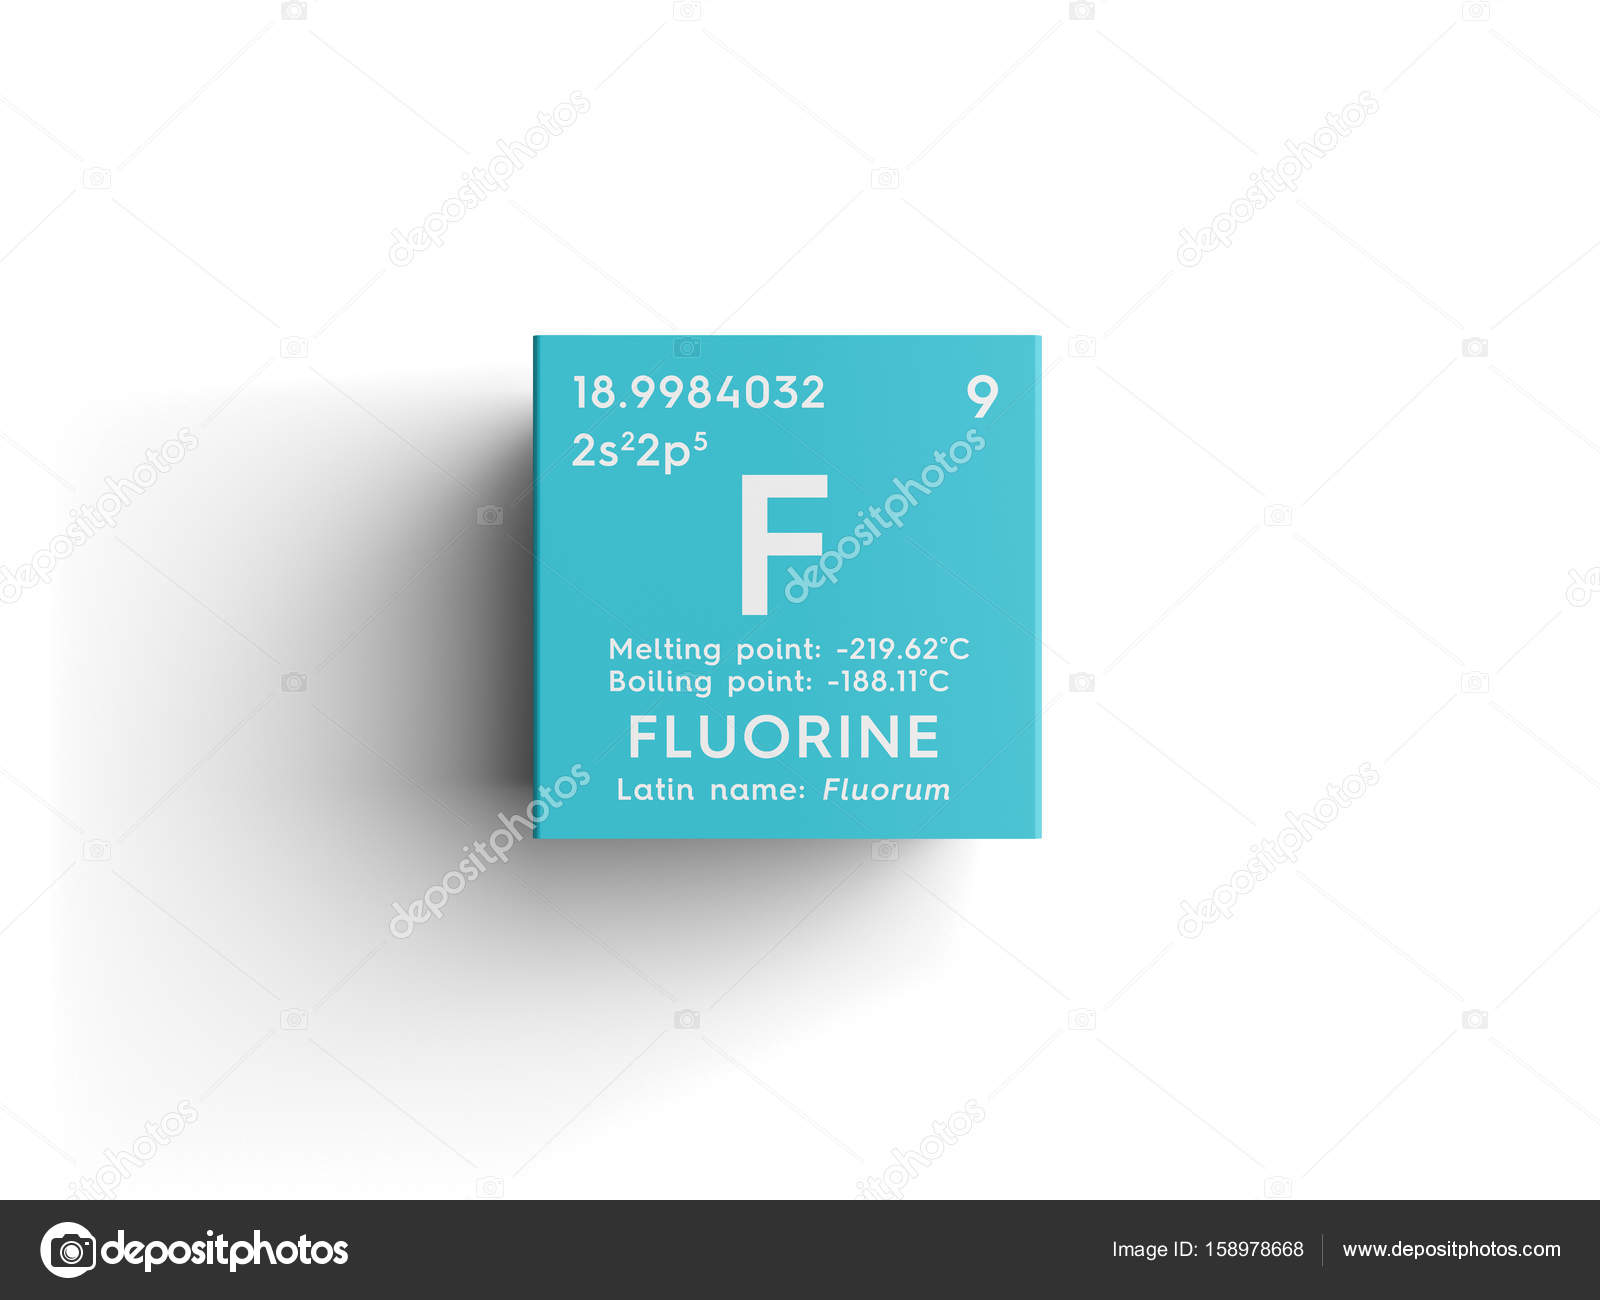 Flor halgenos elemento qumico de la tabla de periodica de flor halgenos elemento qumico de la tabla de periodica de mendeleiev foto de urtaz Choice Image